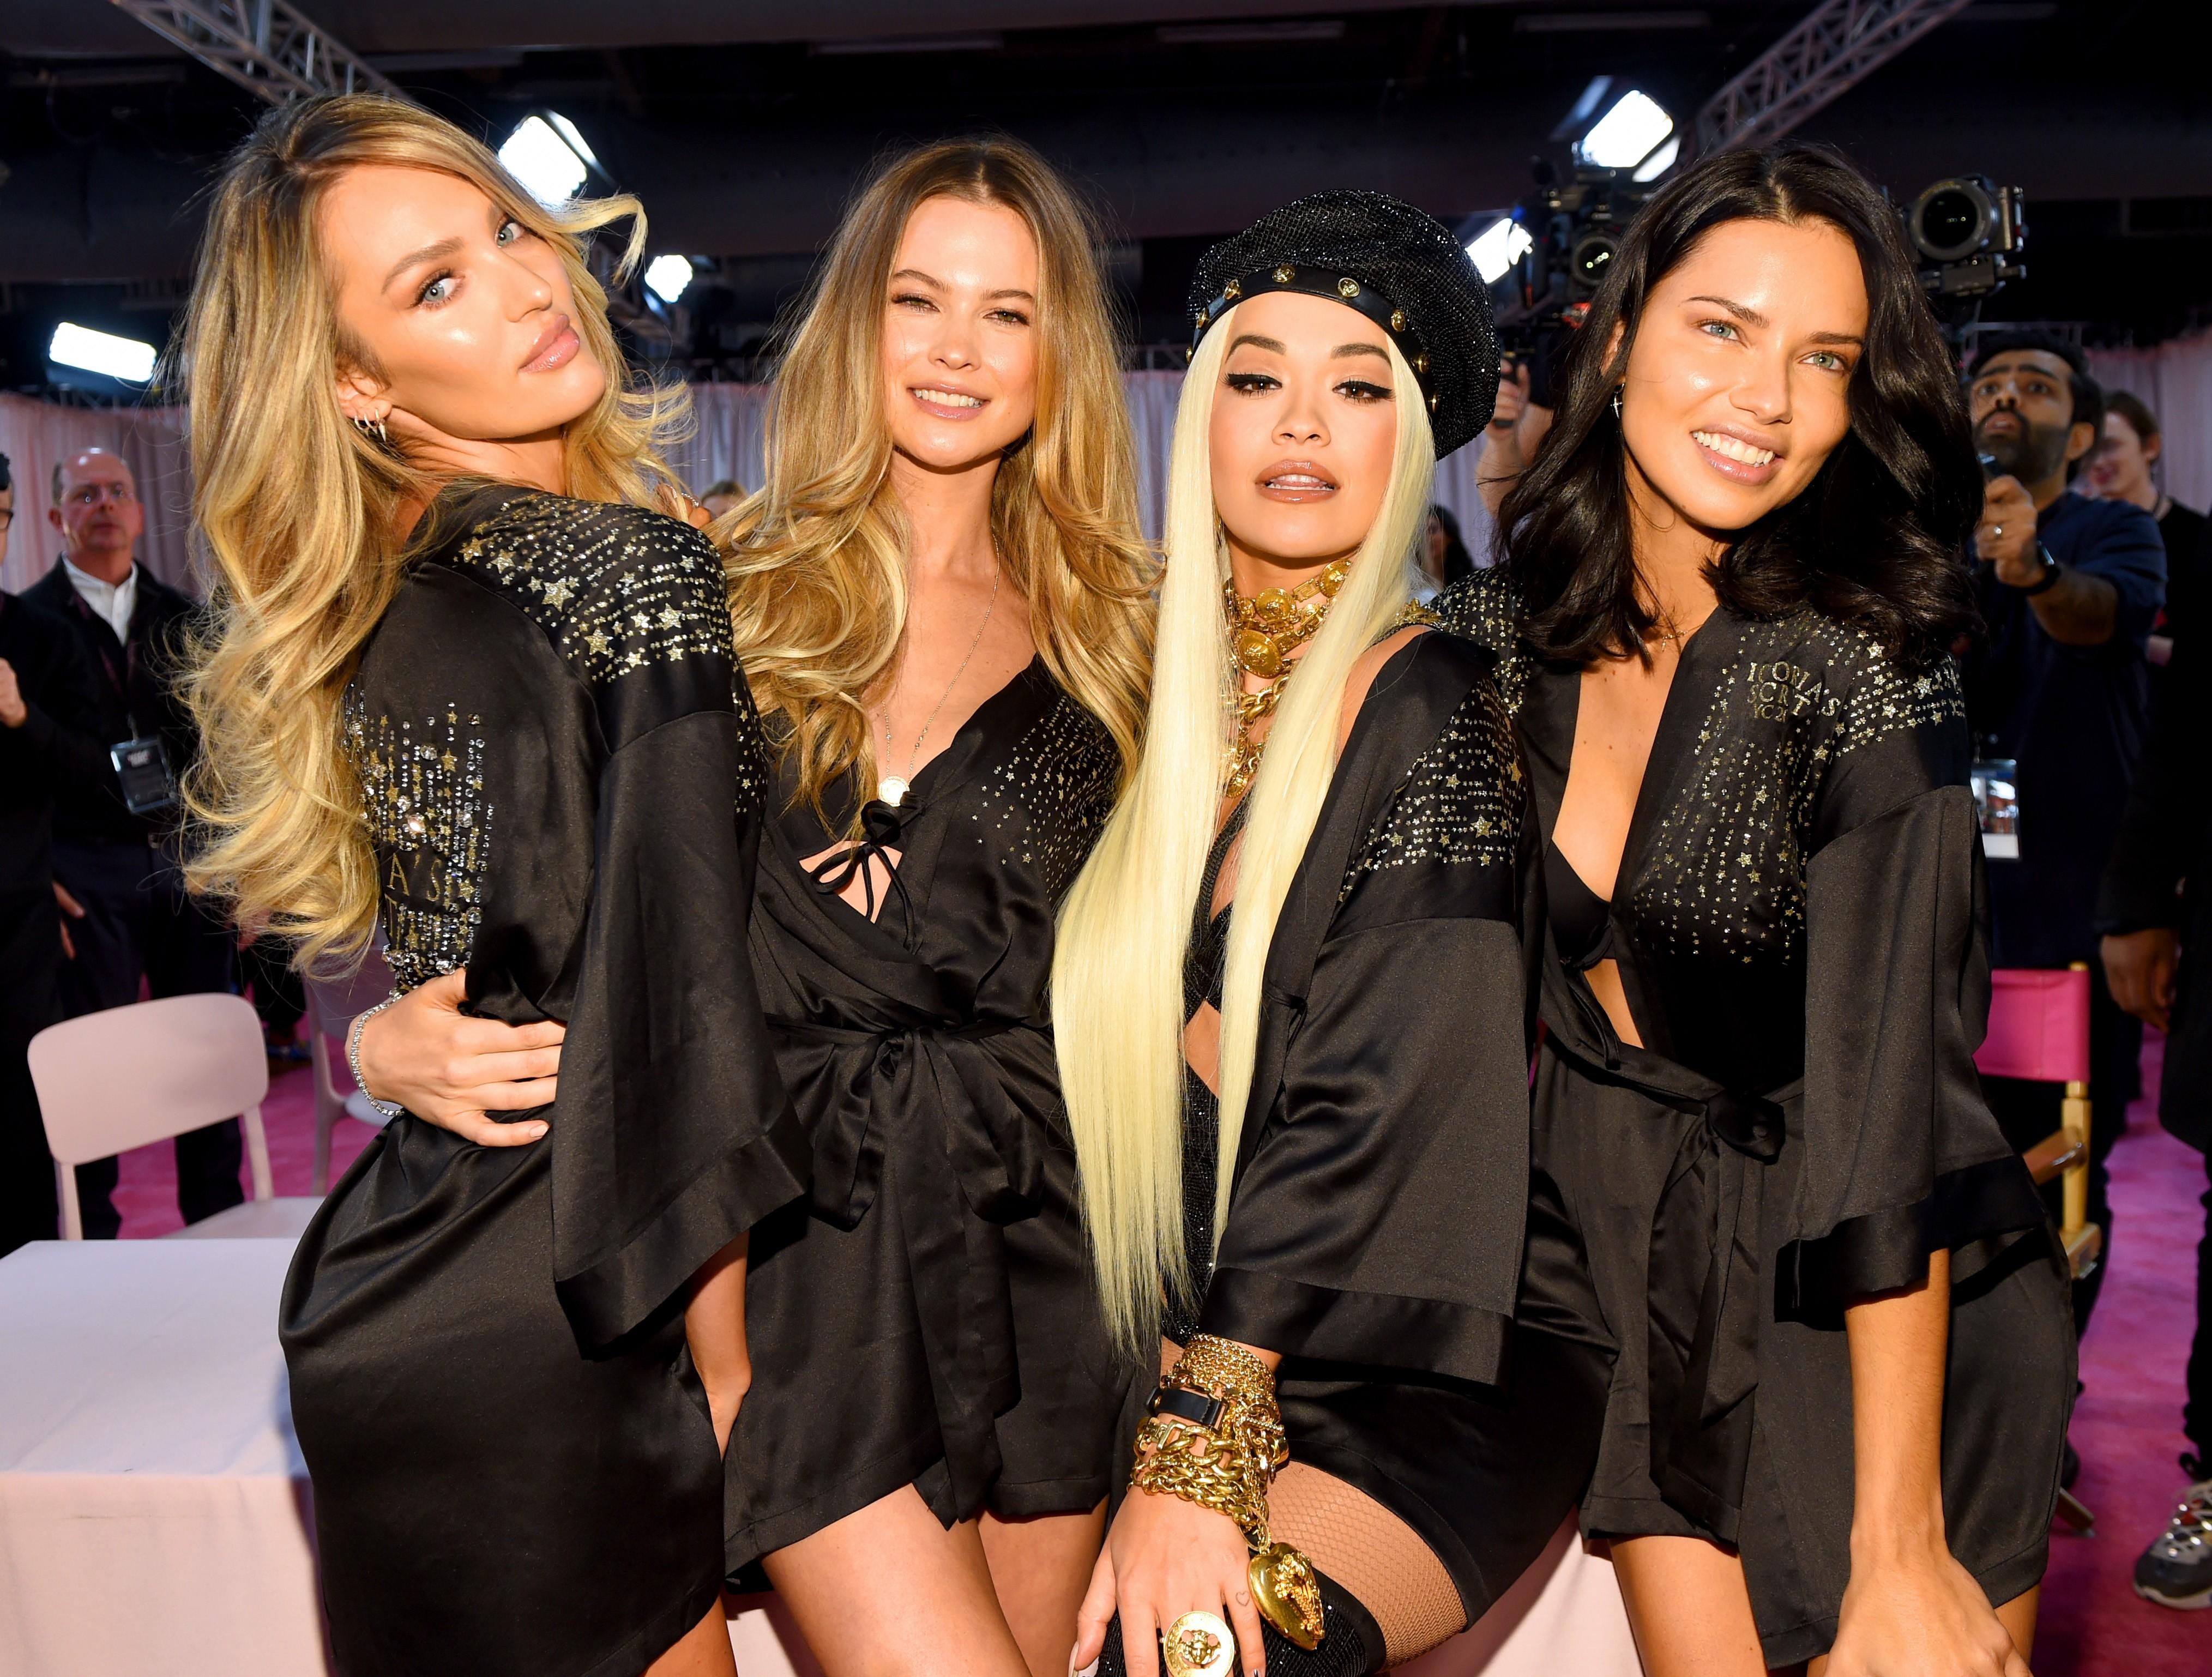 Candice com Behati Prinsloo, Rita Ora e Adriana Lima no backstage (Foto: Getty Images)